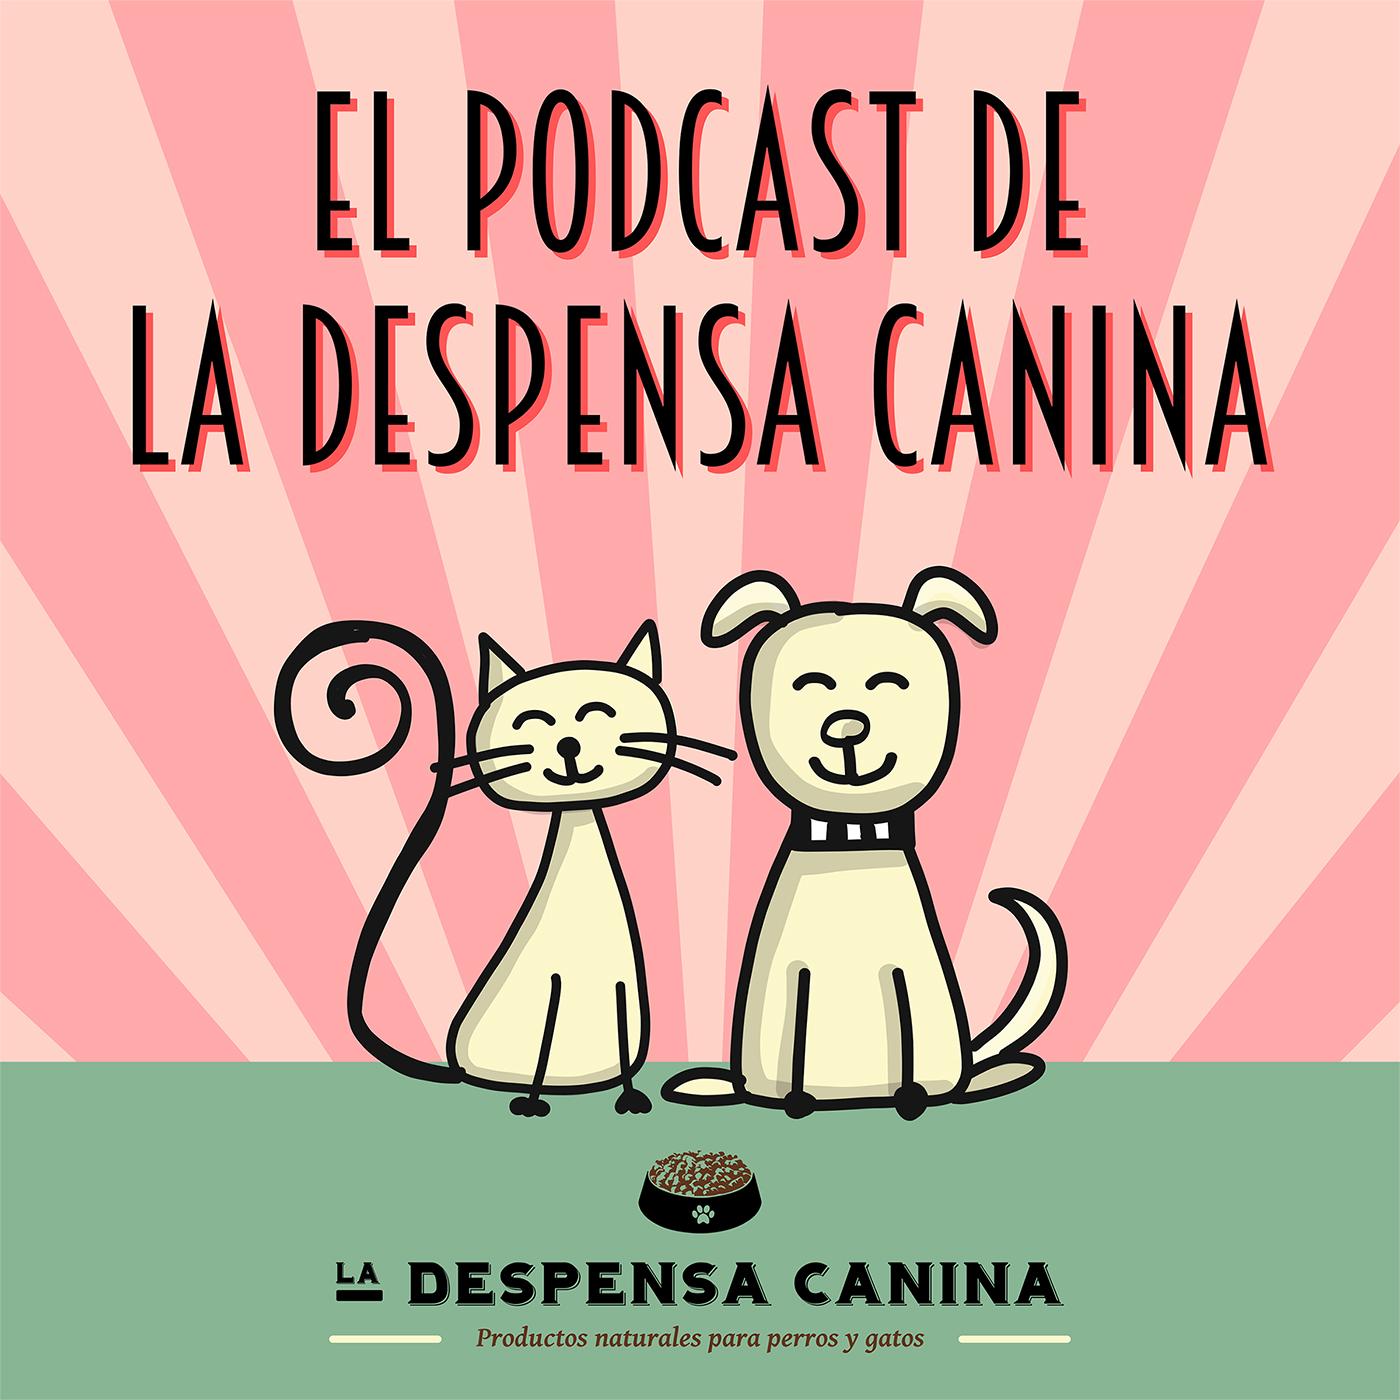 El Podcast de La Despensa Canina